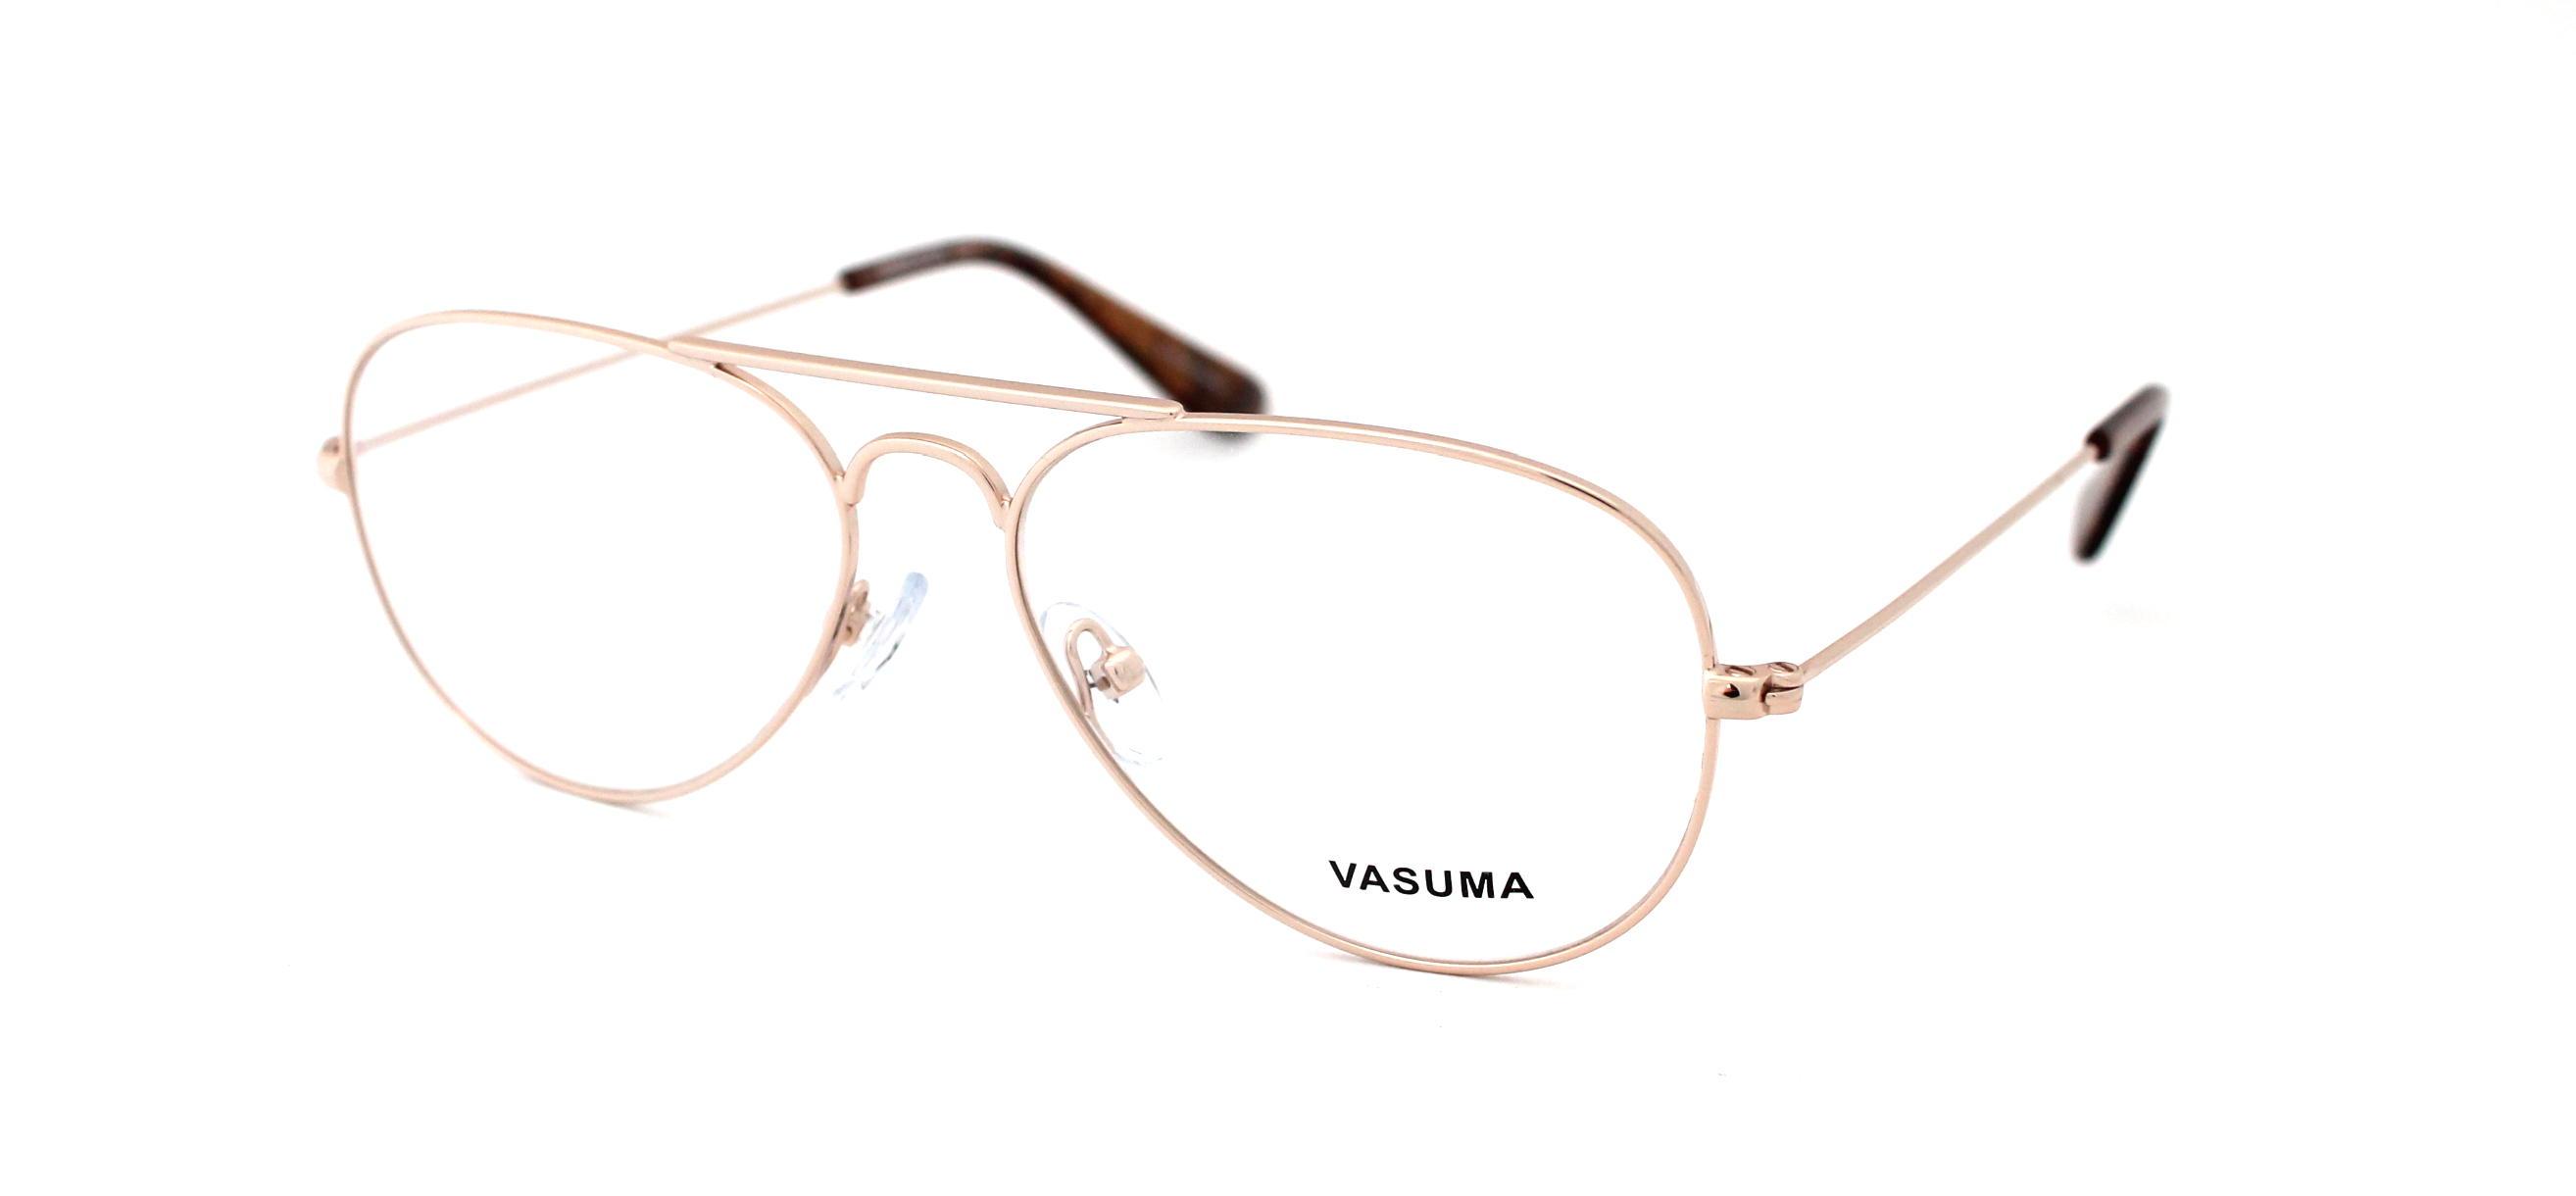 Vasuma - Eggeater 52 E121